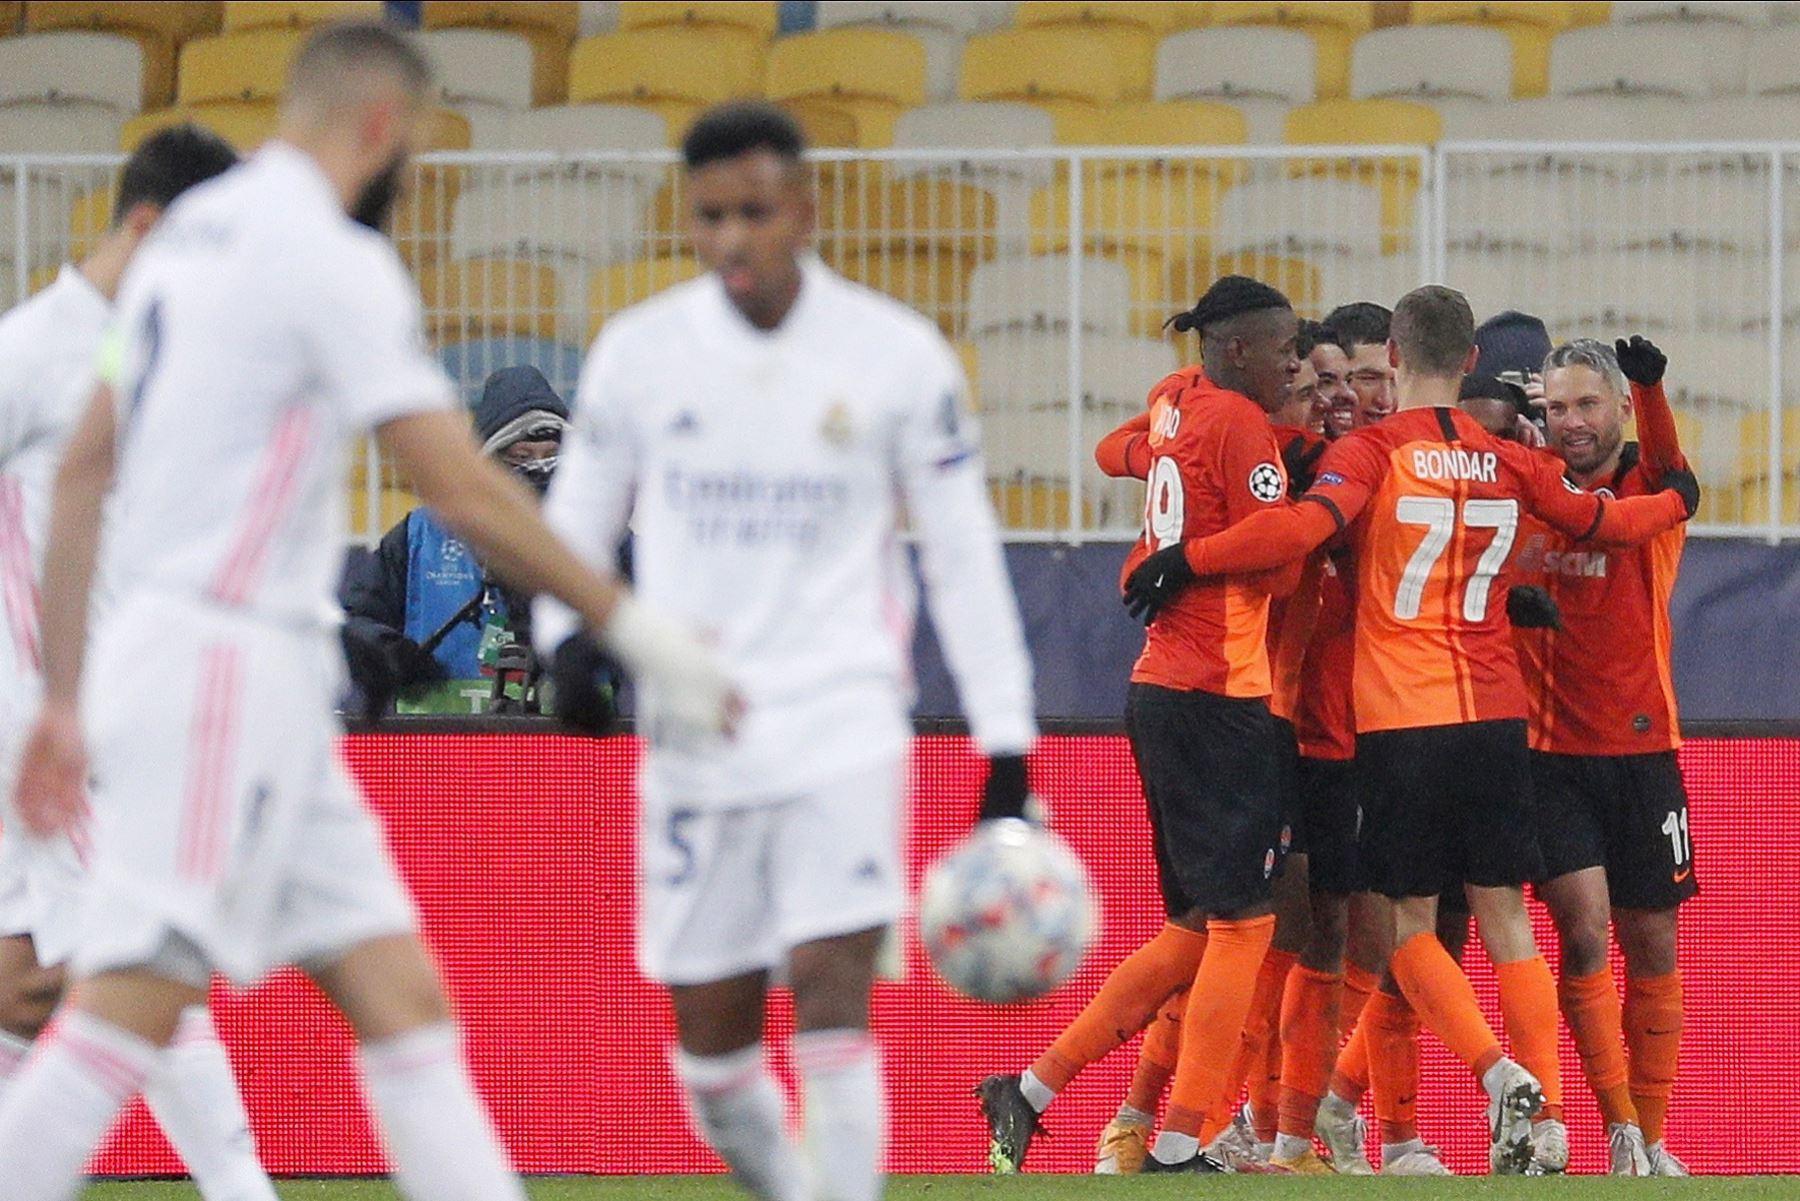 Dentinho del Shakhtar celebra su gol con sus compañeros durante el partido del grupo B de la UEFA Champions. Foto: AFP